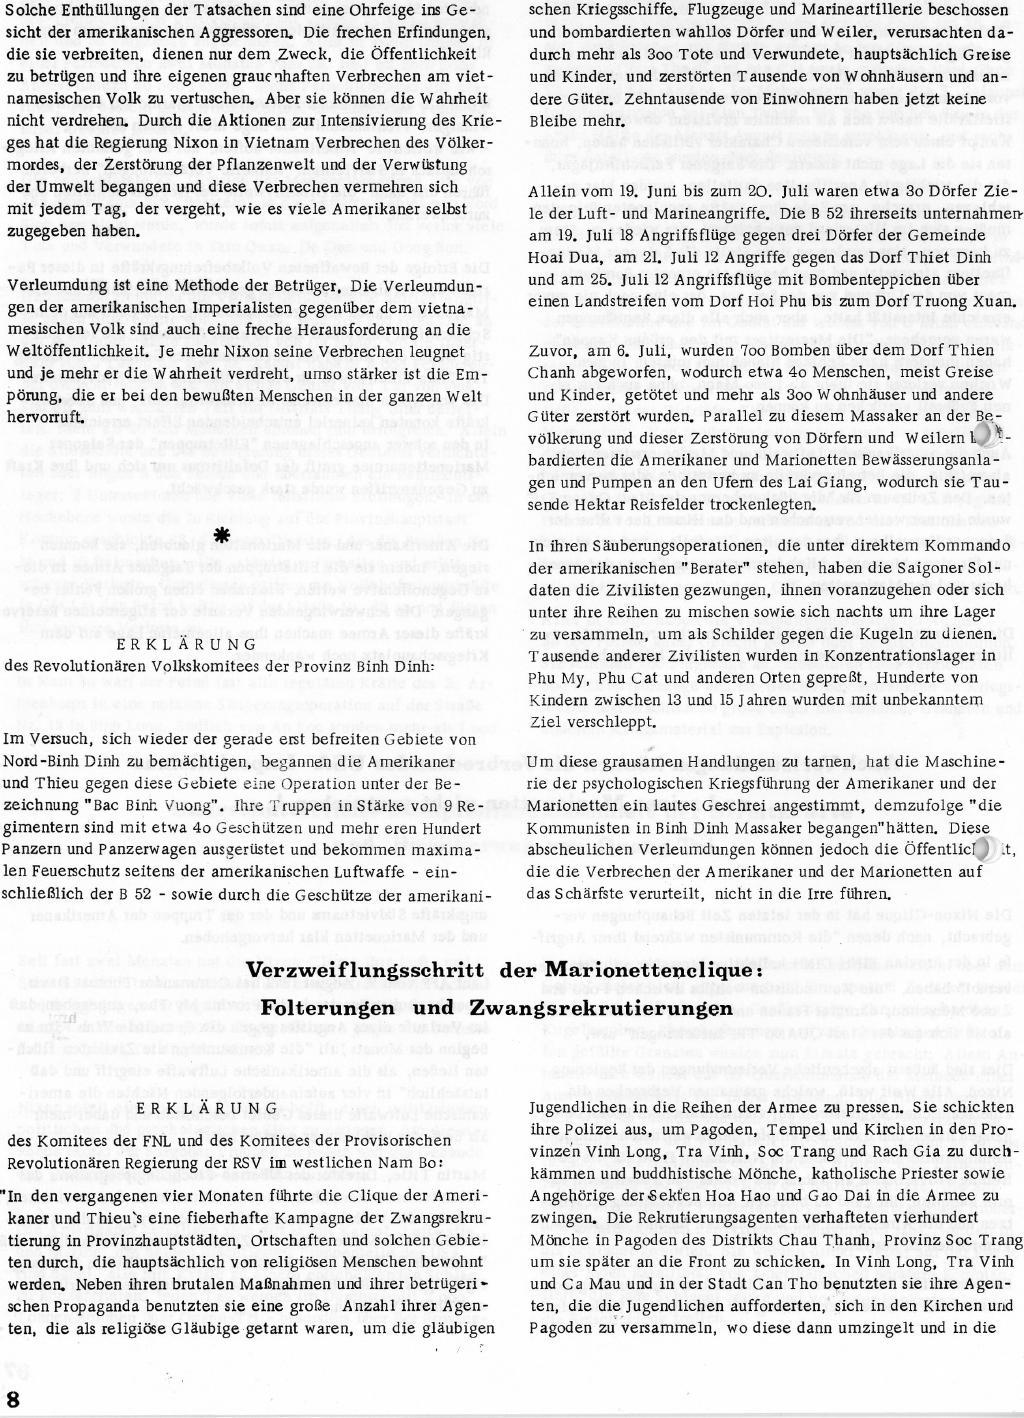 RPK_1972_183_08